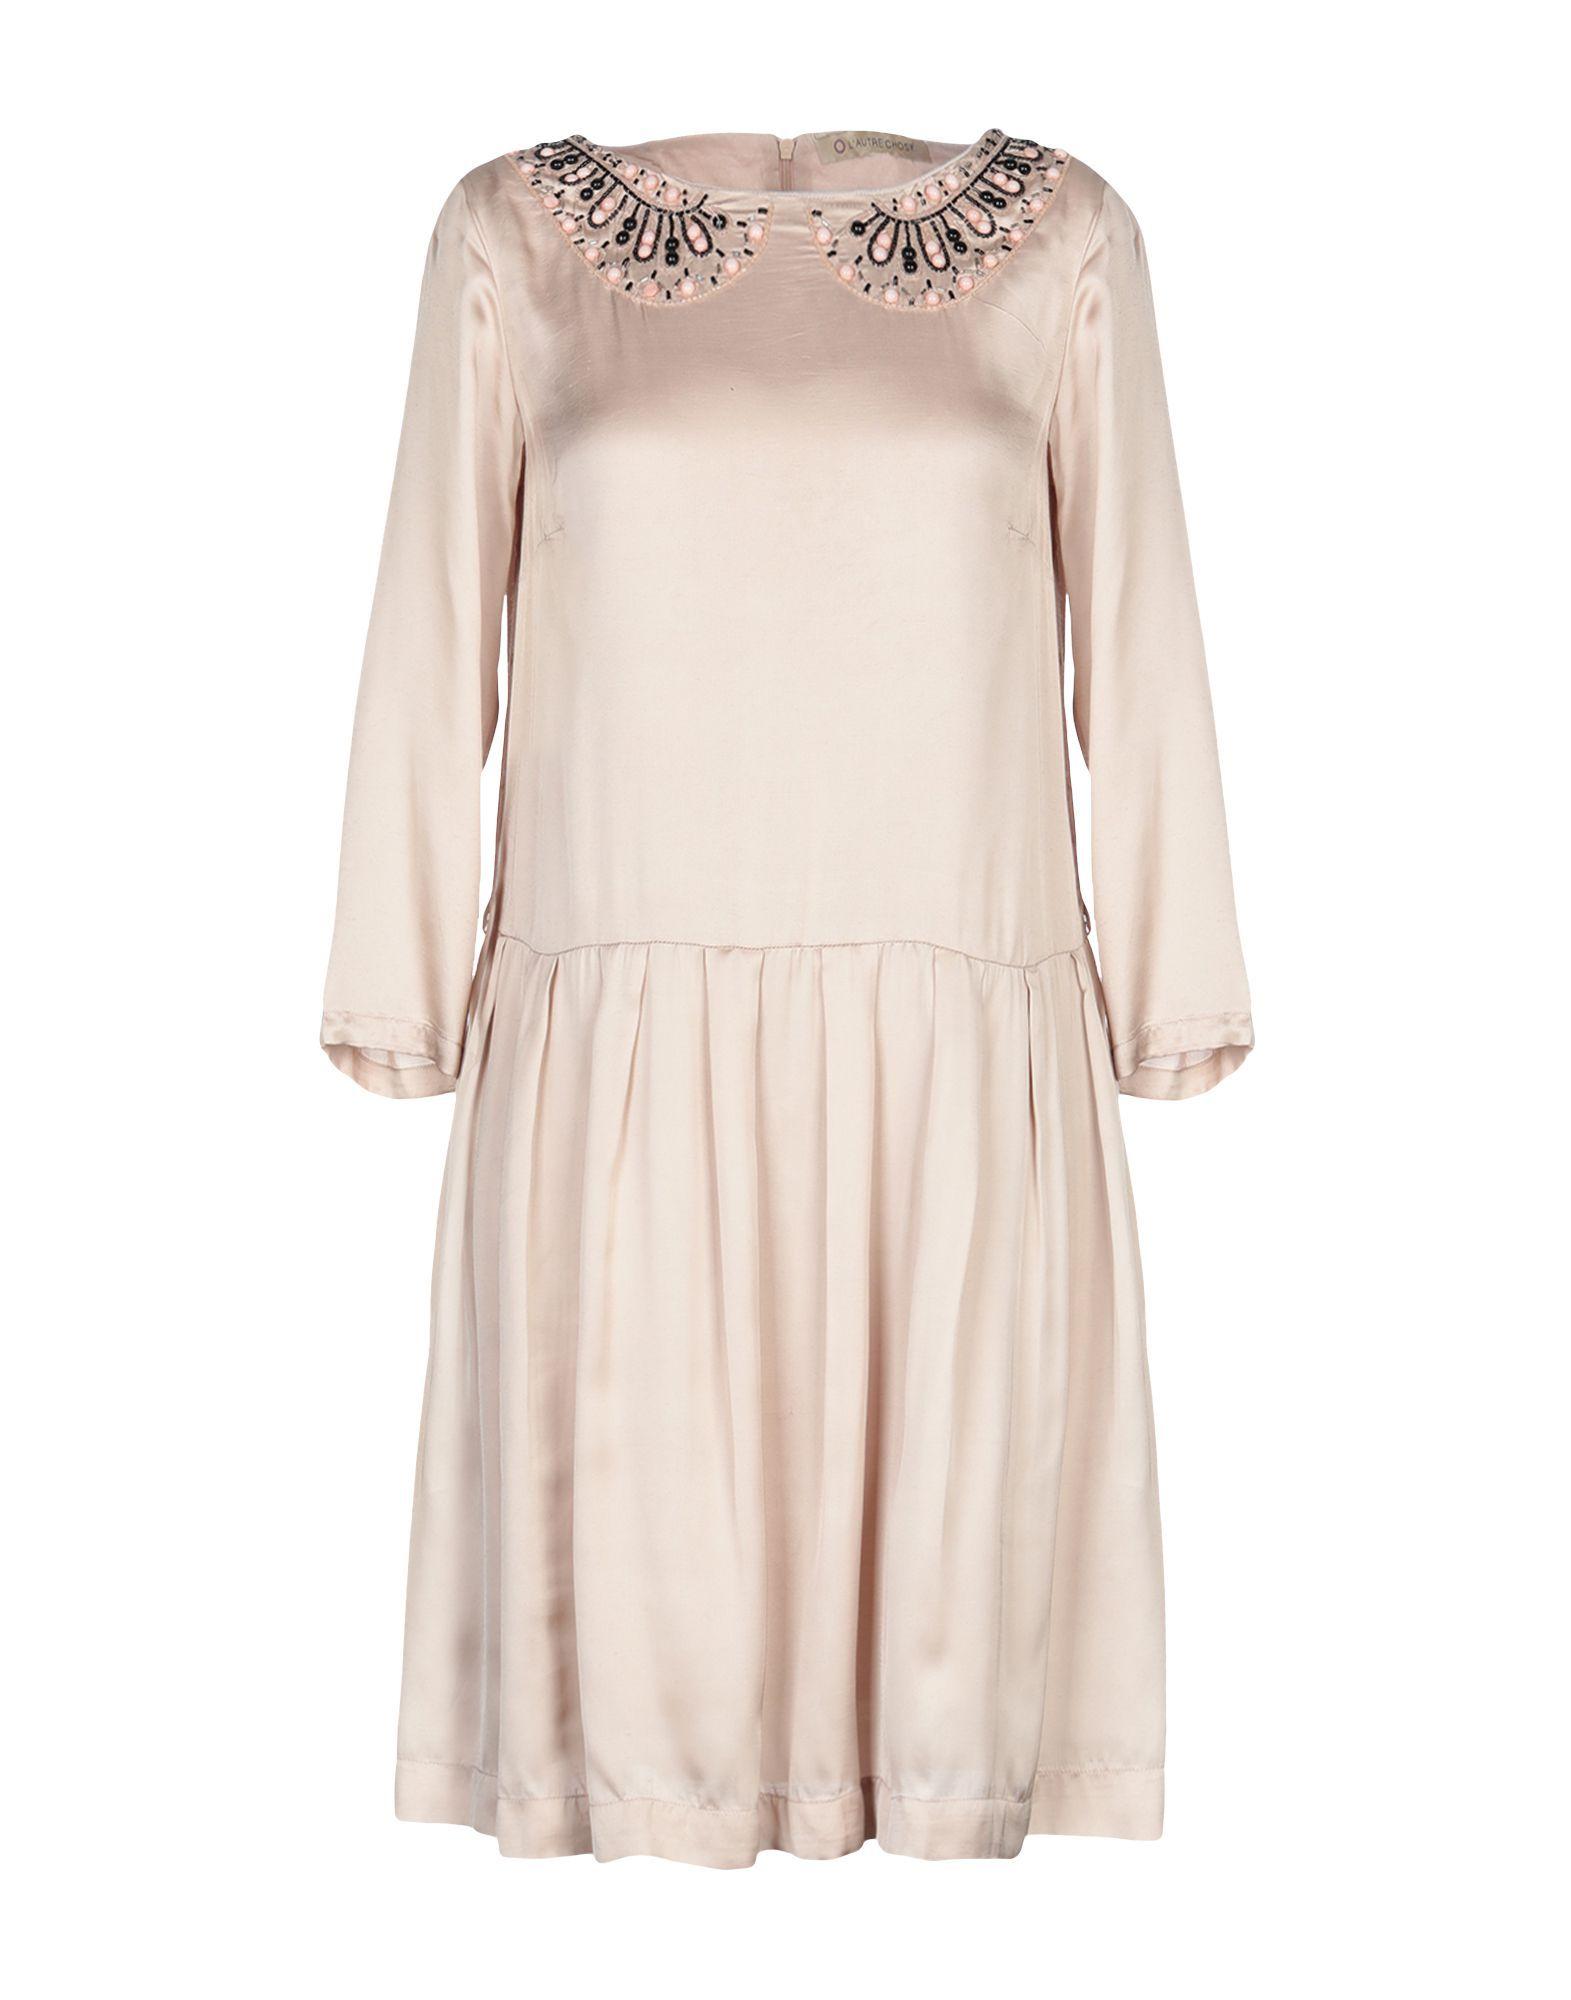 DRESSES Woman L' Autre Chose Sand Viscose